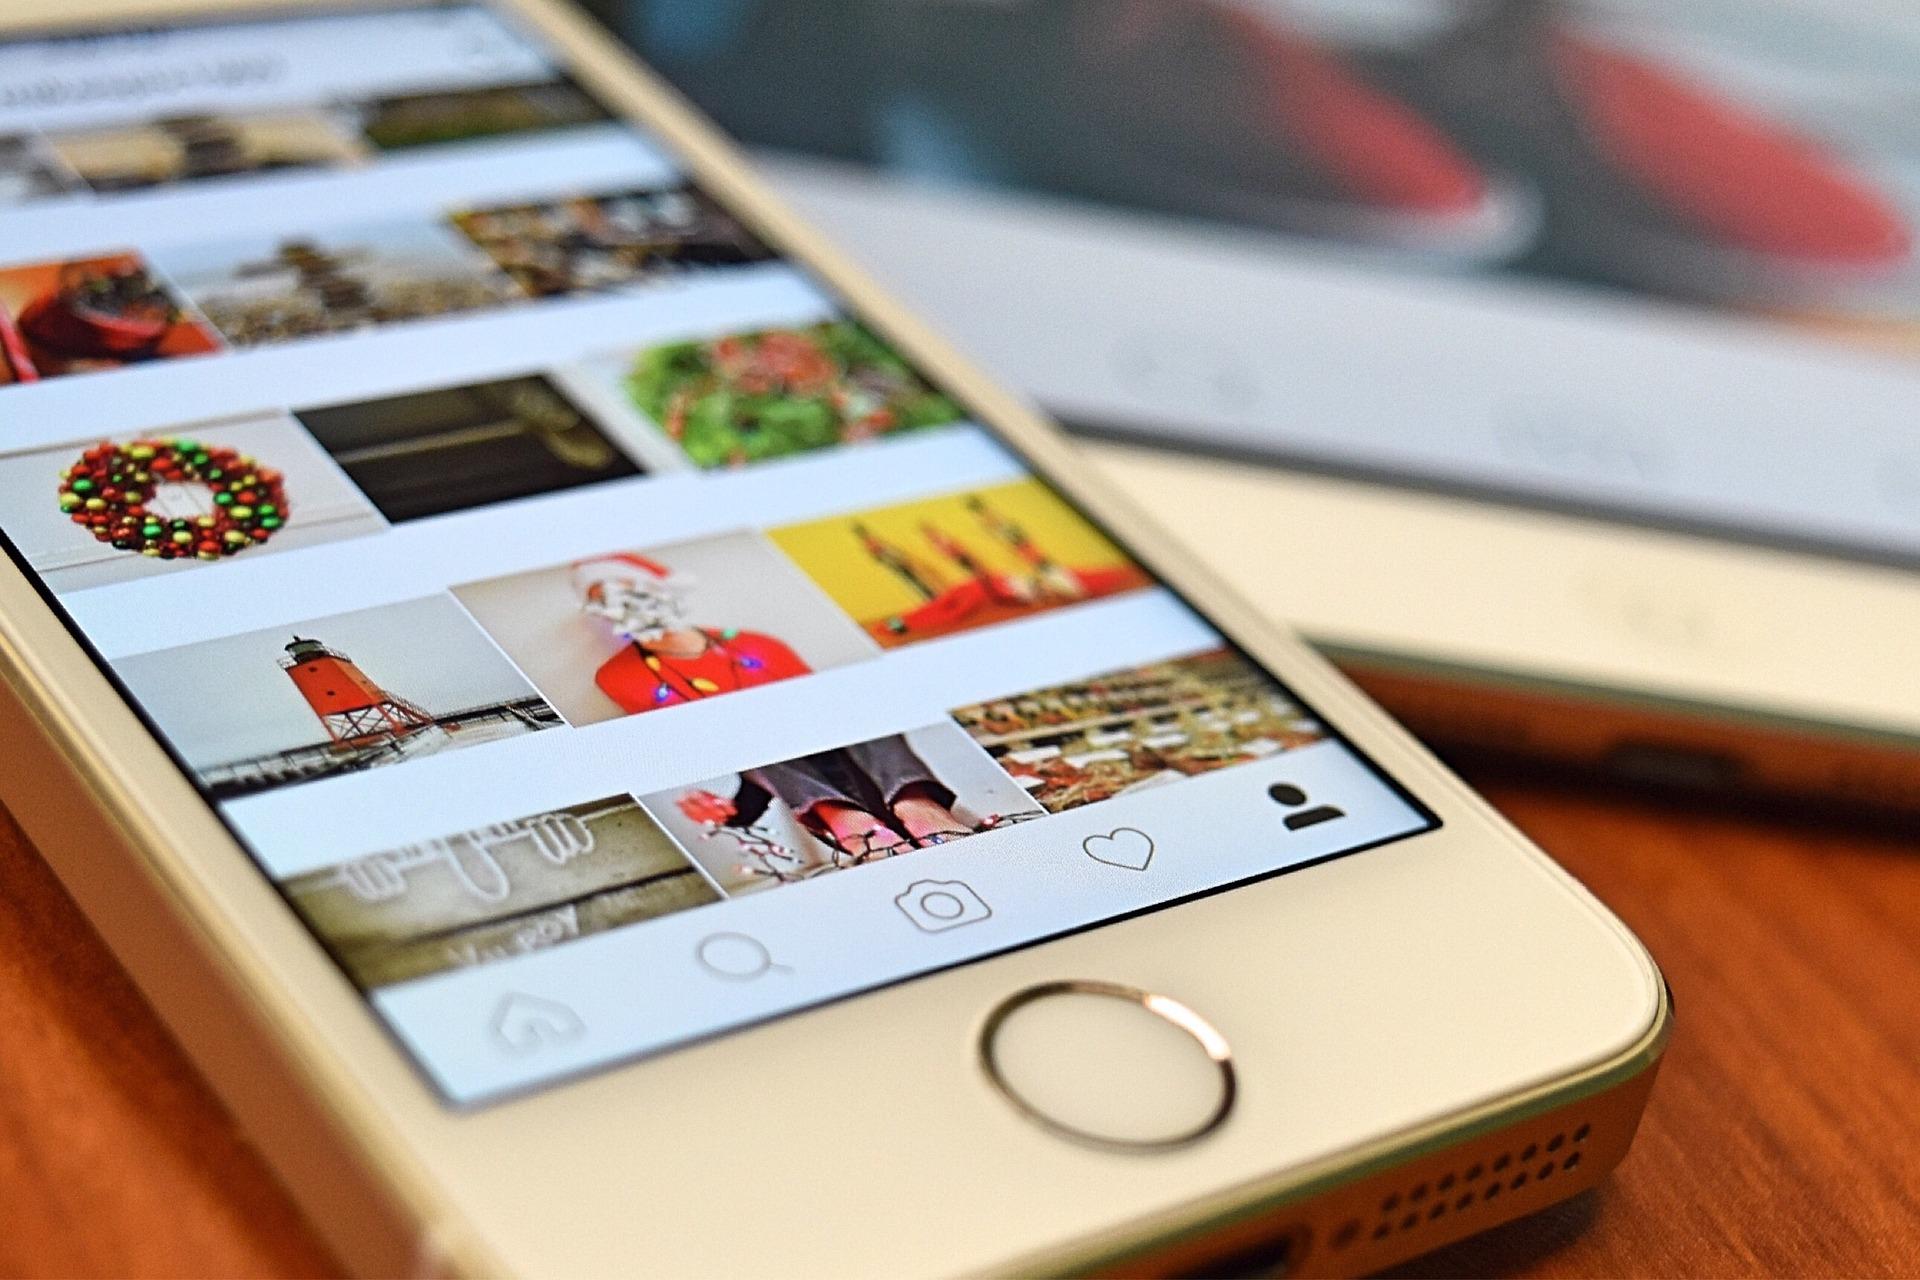 instagram-news-feed-social-media-marketing-trends-shirudigi